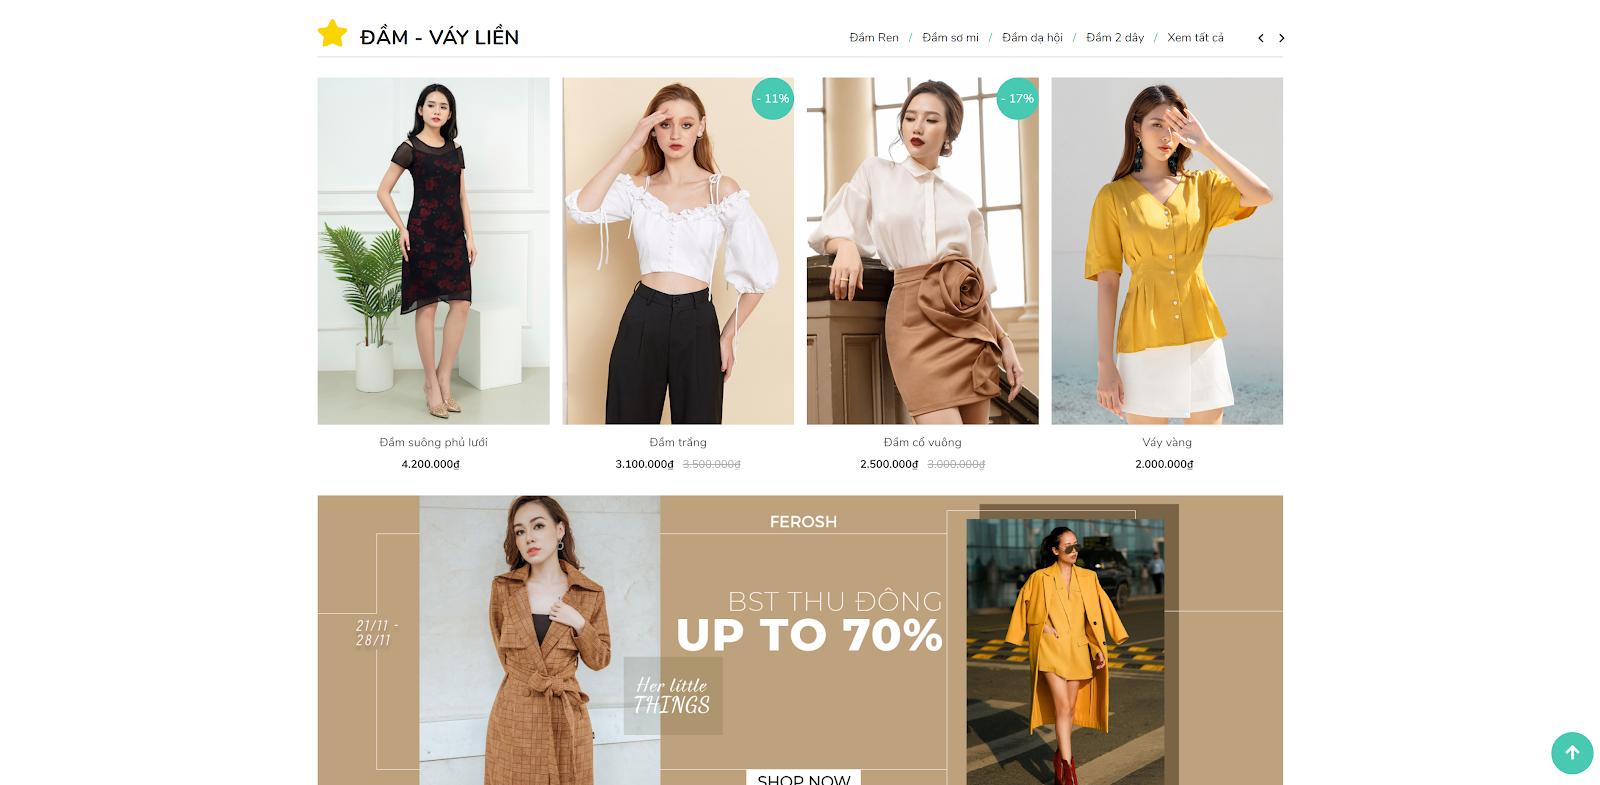 chụp ảnh quần áo bán hàng vừa khung hình